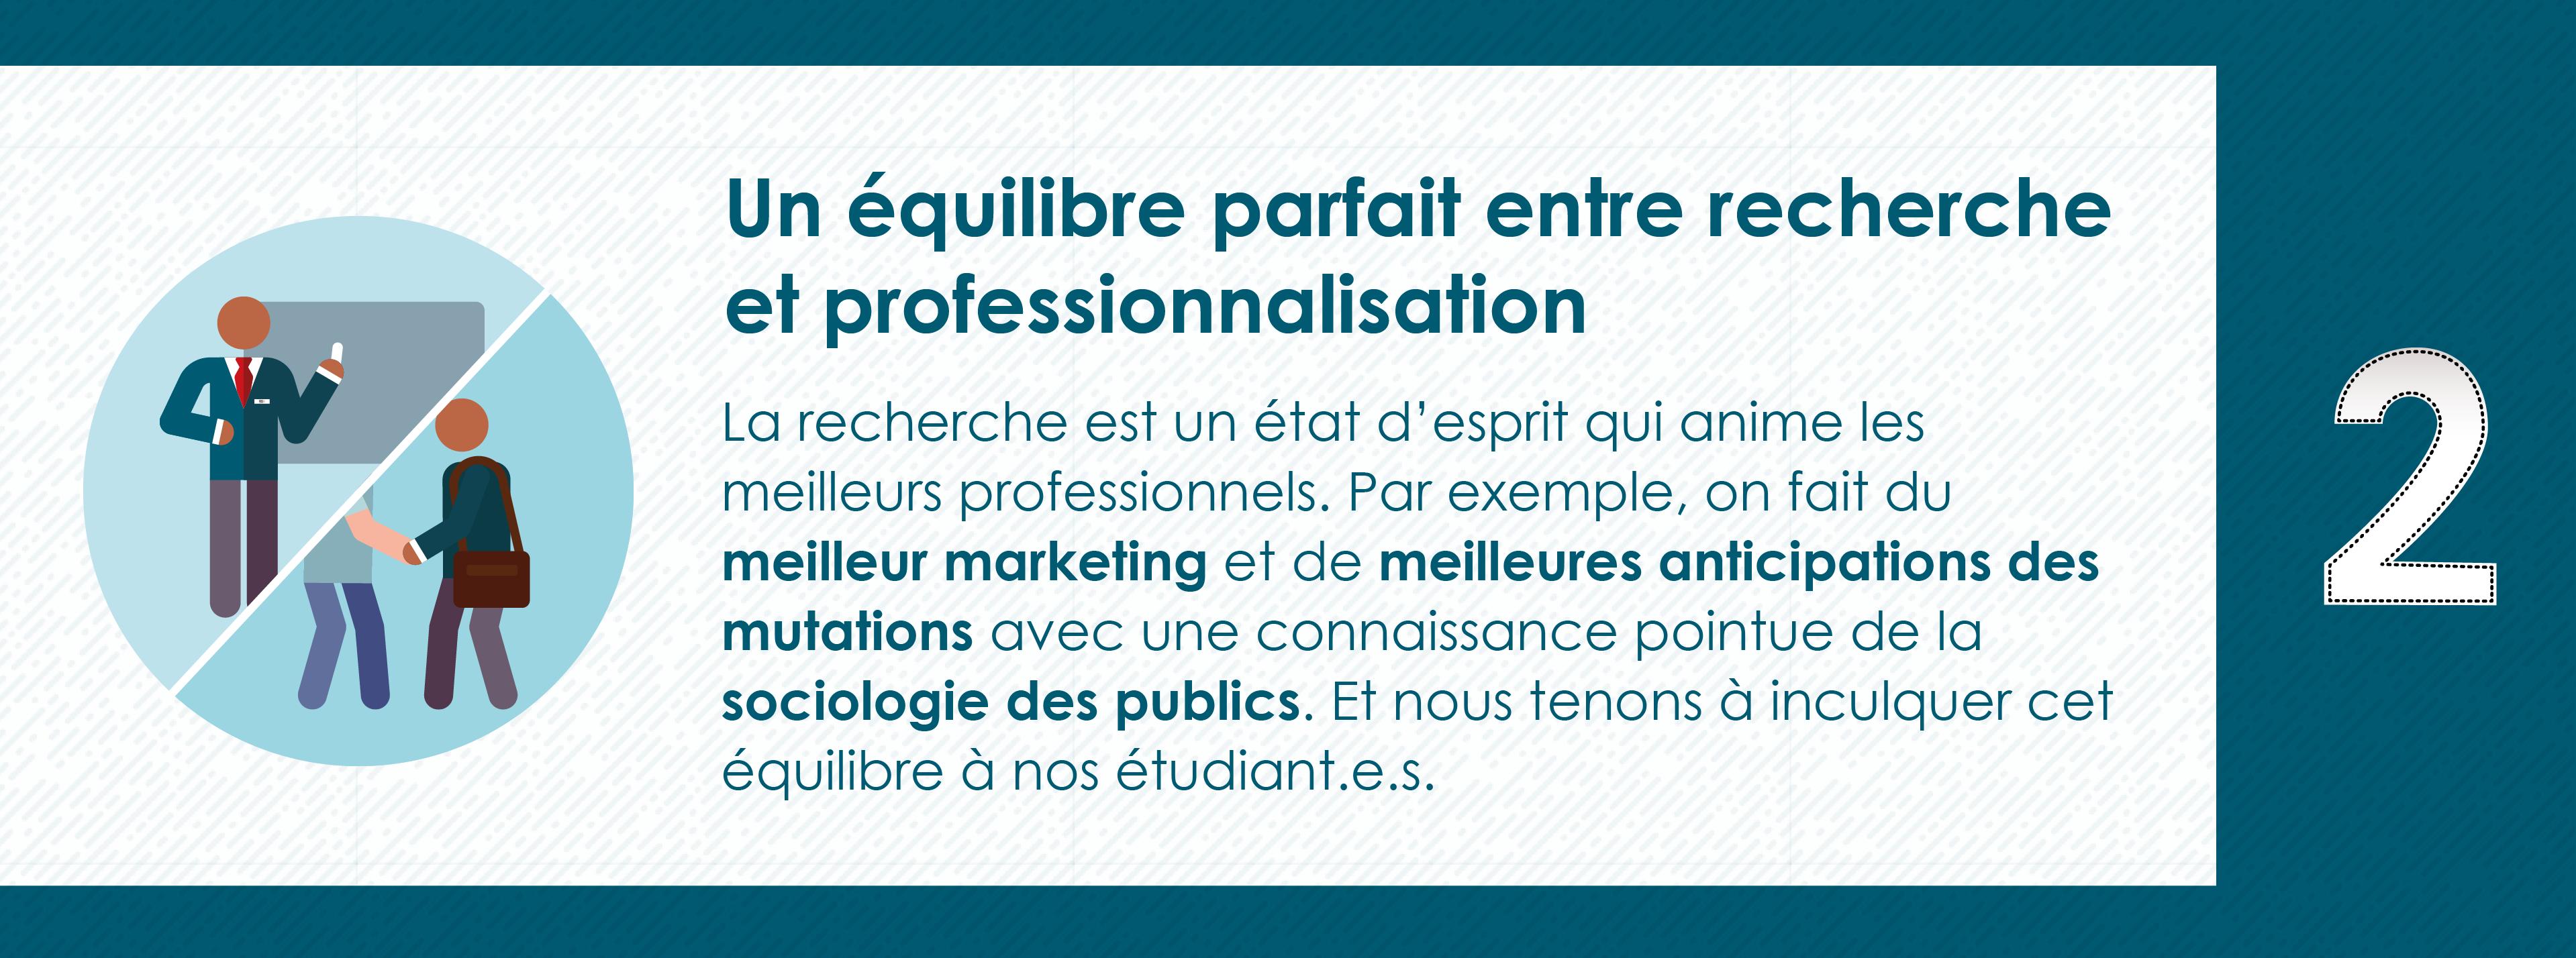 Pourquoi rejoindre le Master 2 Industrie Audiovisuelle de Paris 8 - Equilibre Recherche et professionnalisation